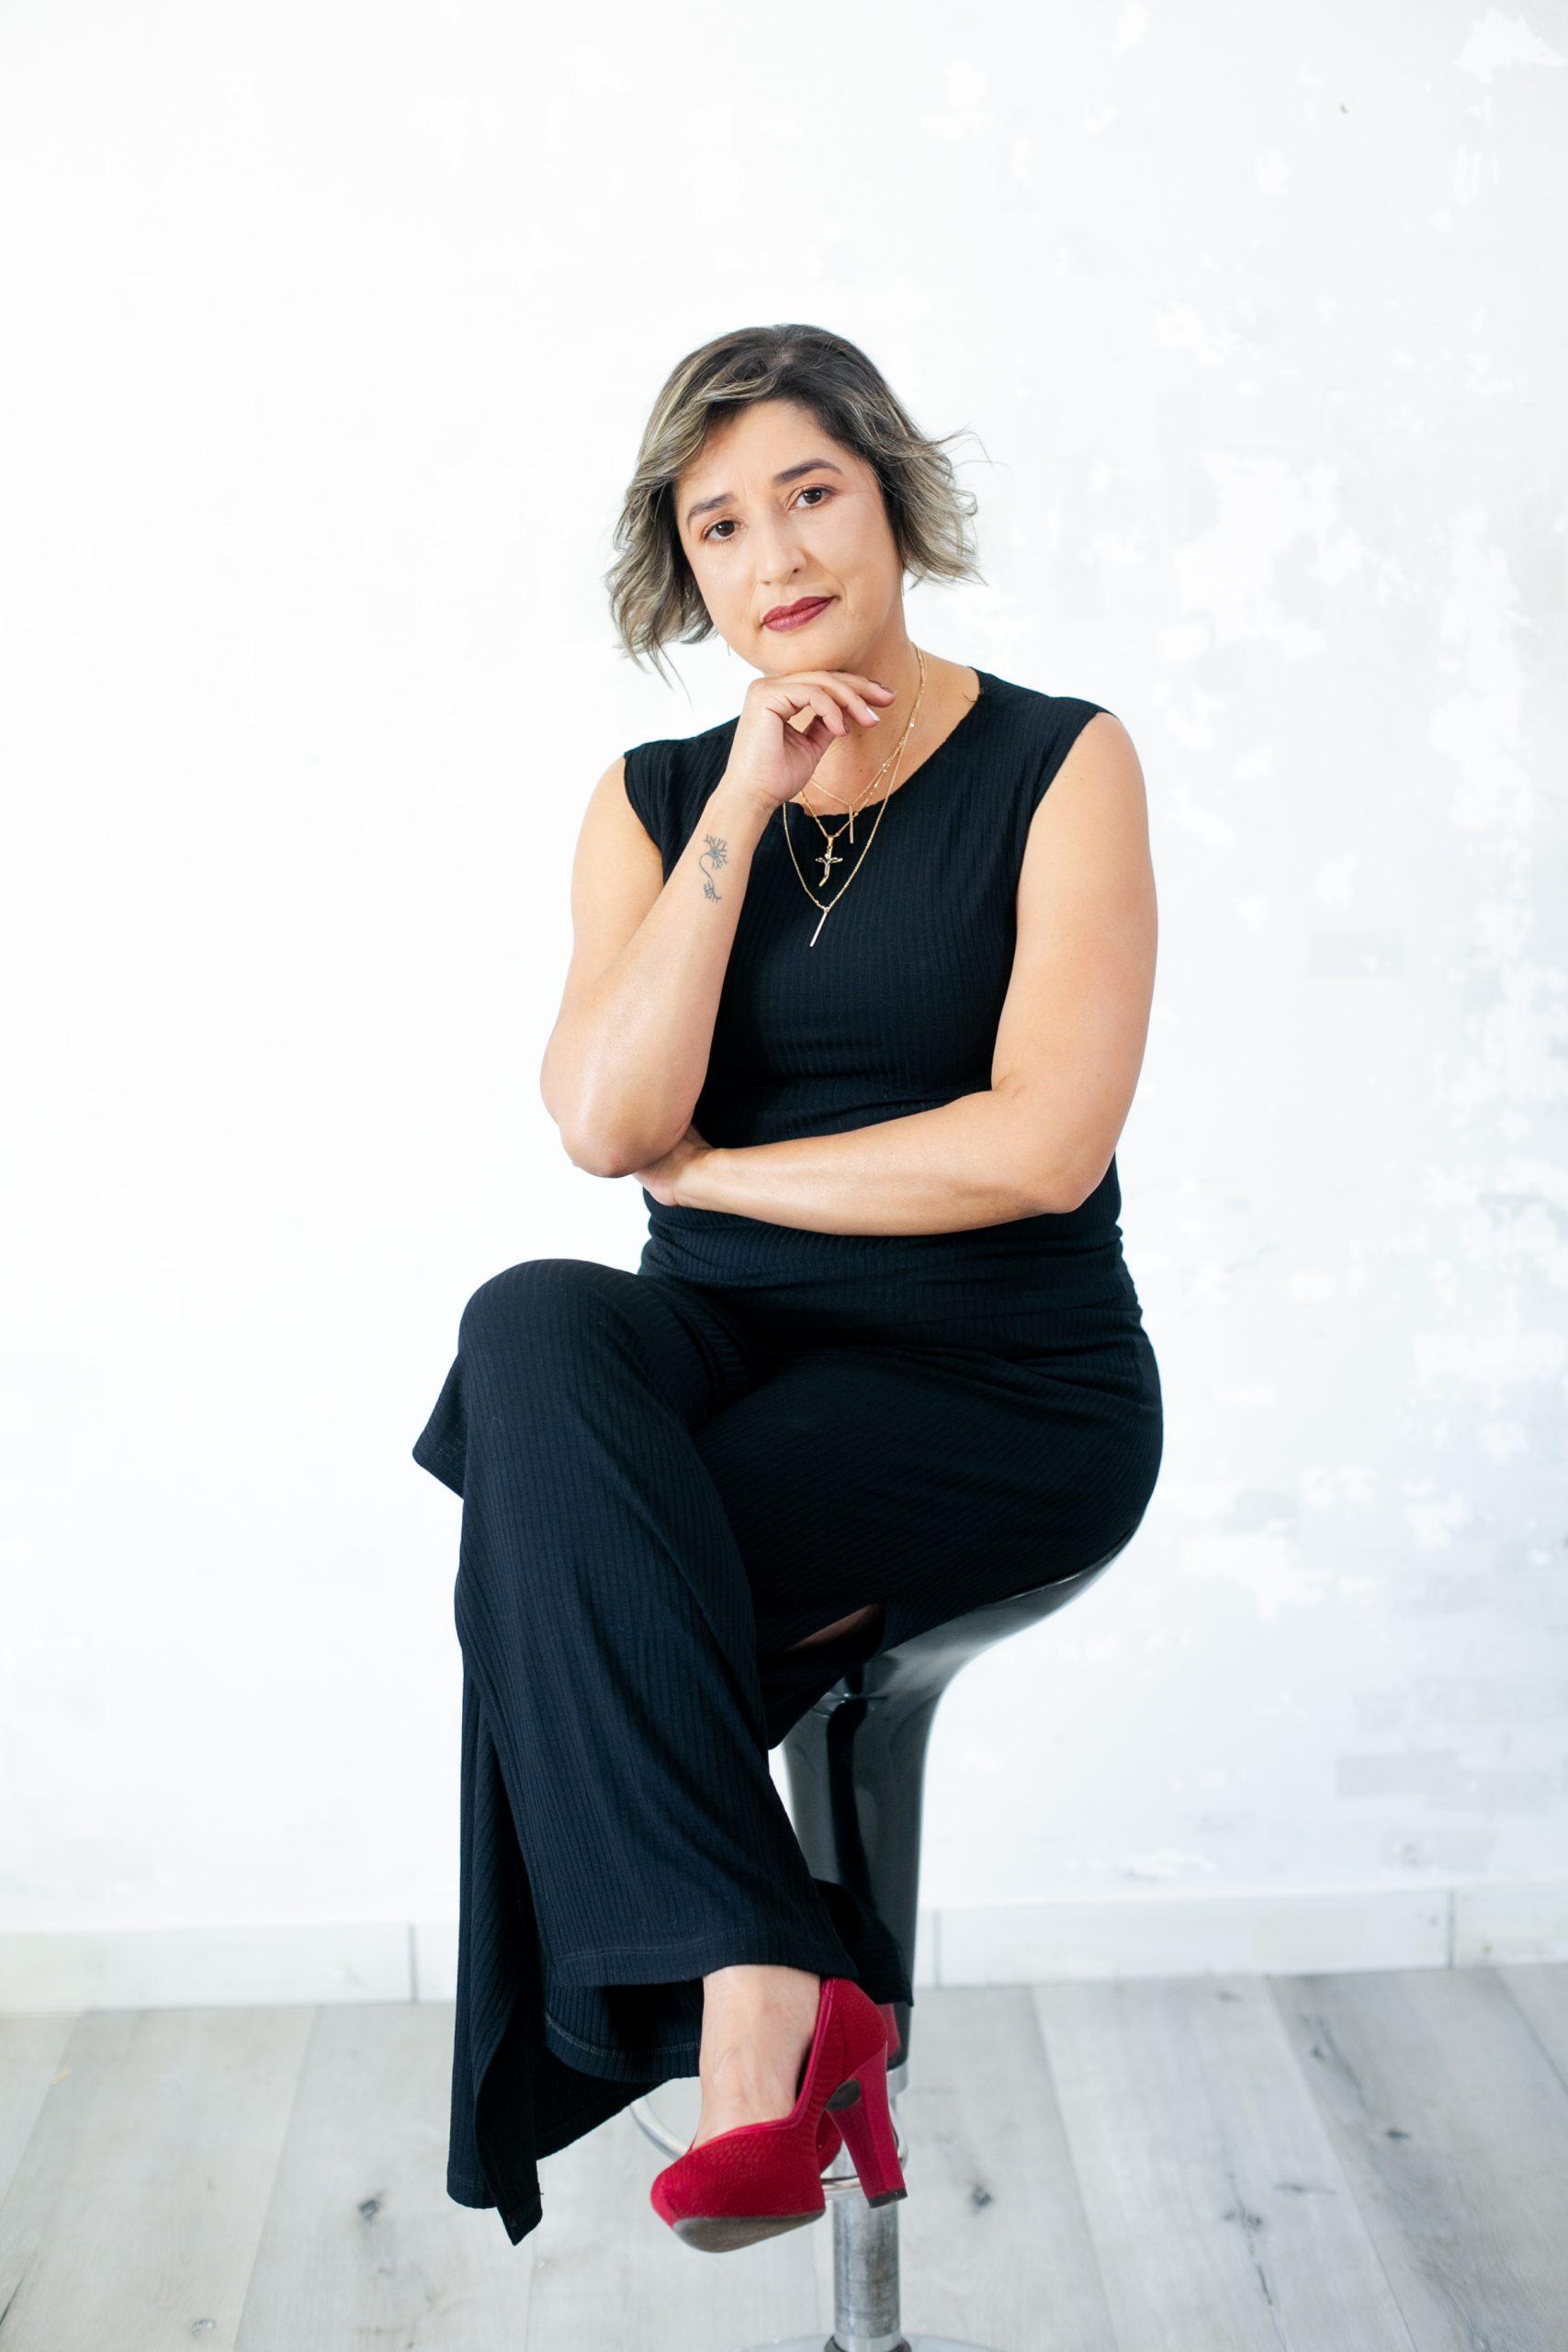 Alessandra de Oliveira Paranho